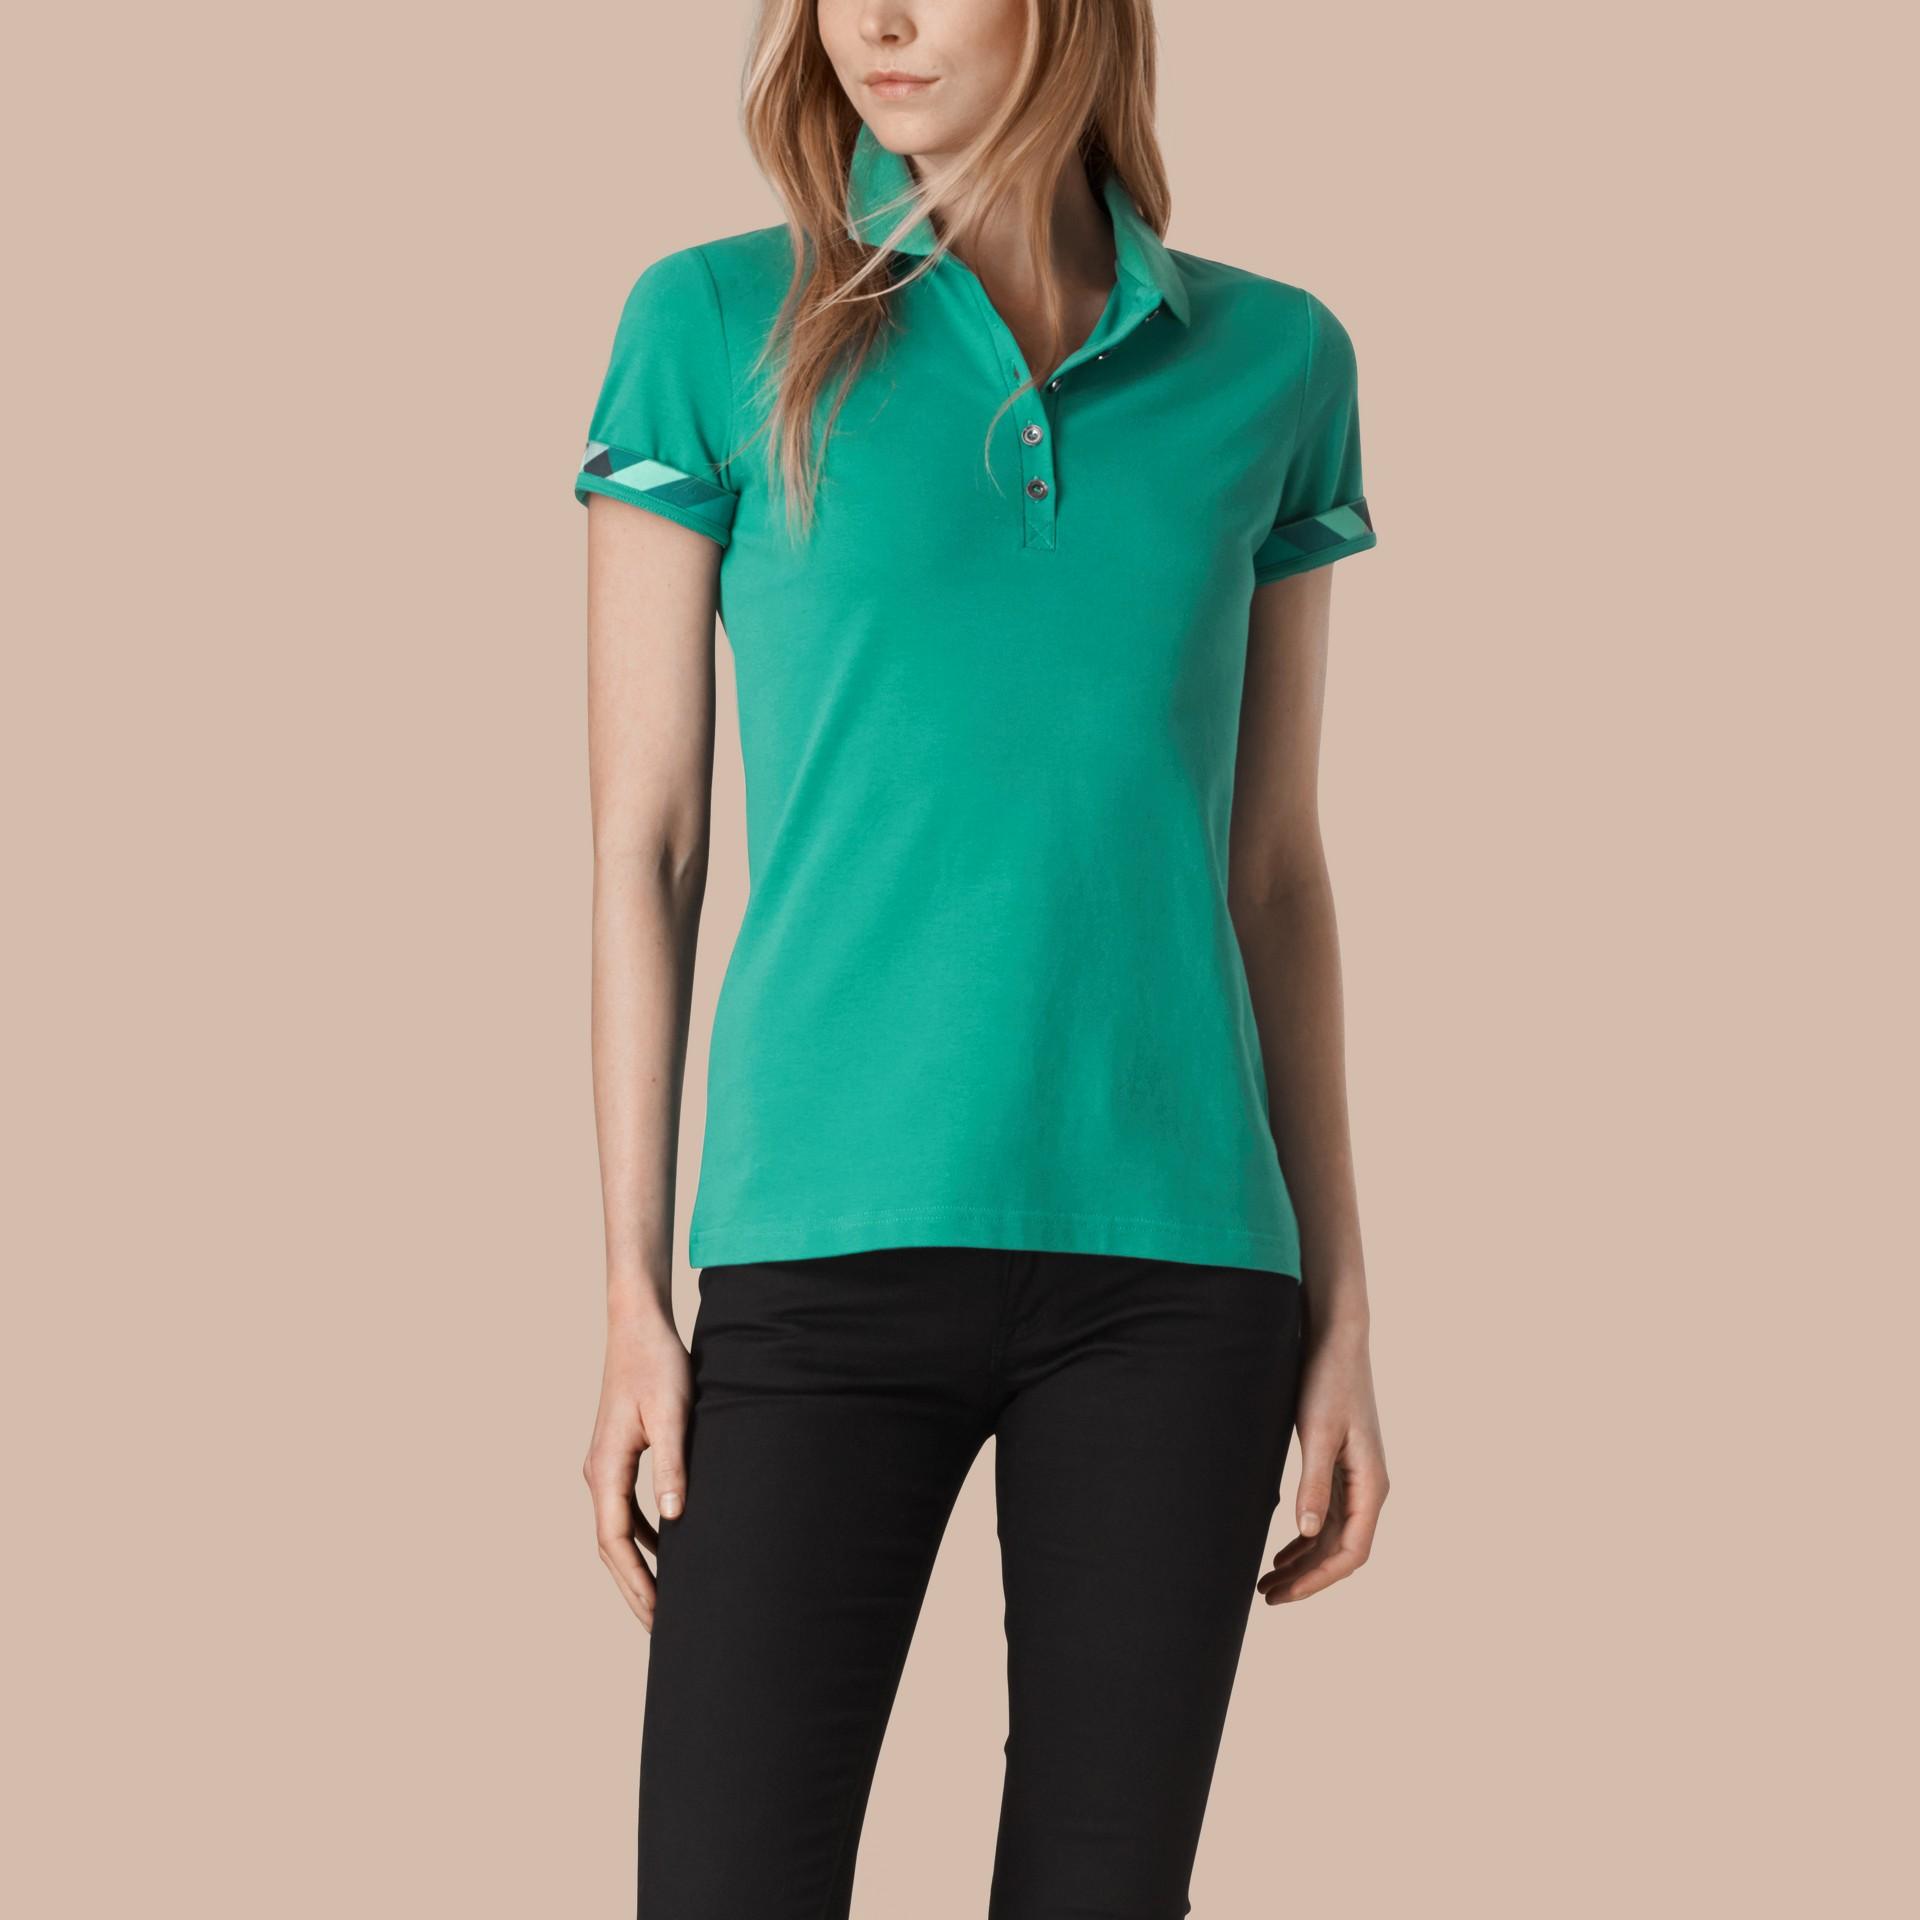 Aquamaringrün Poloshirt aus Stretchbaumwollpiqué mit Check-Besatz Aquamaringrün - Galerie-Bild 1